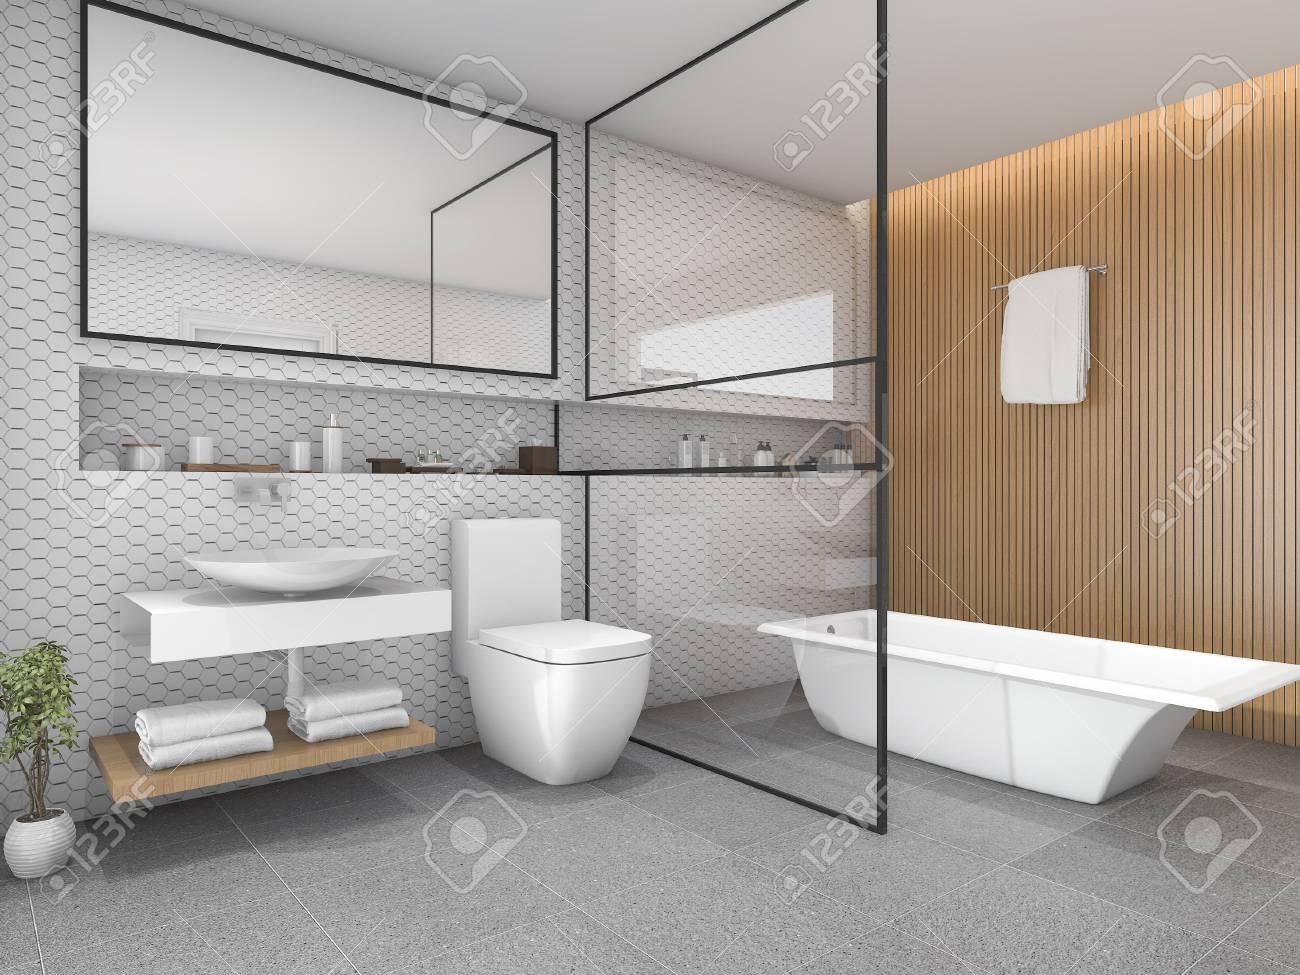 Salle de bains carrelage hexagone blanc rendu 3d avec décor en bois